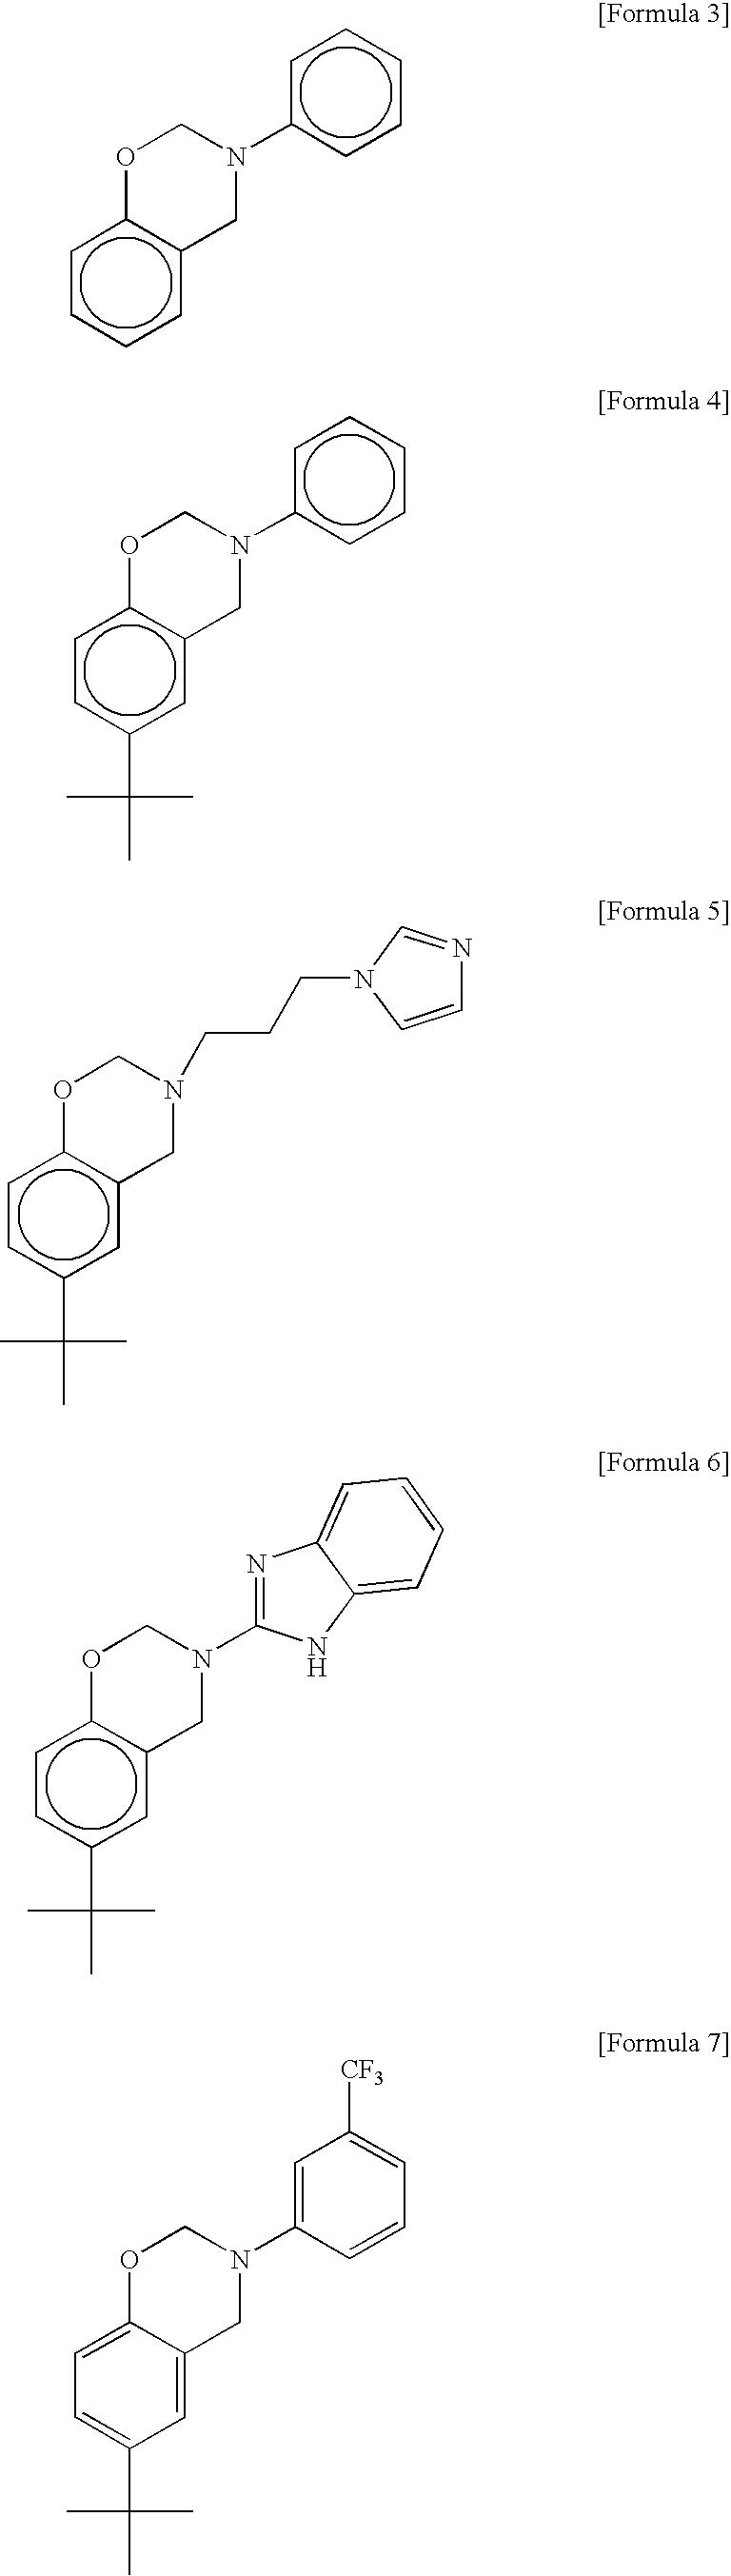 Figure US20070184323A1-20070809-C00004